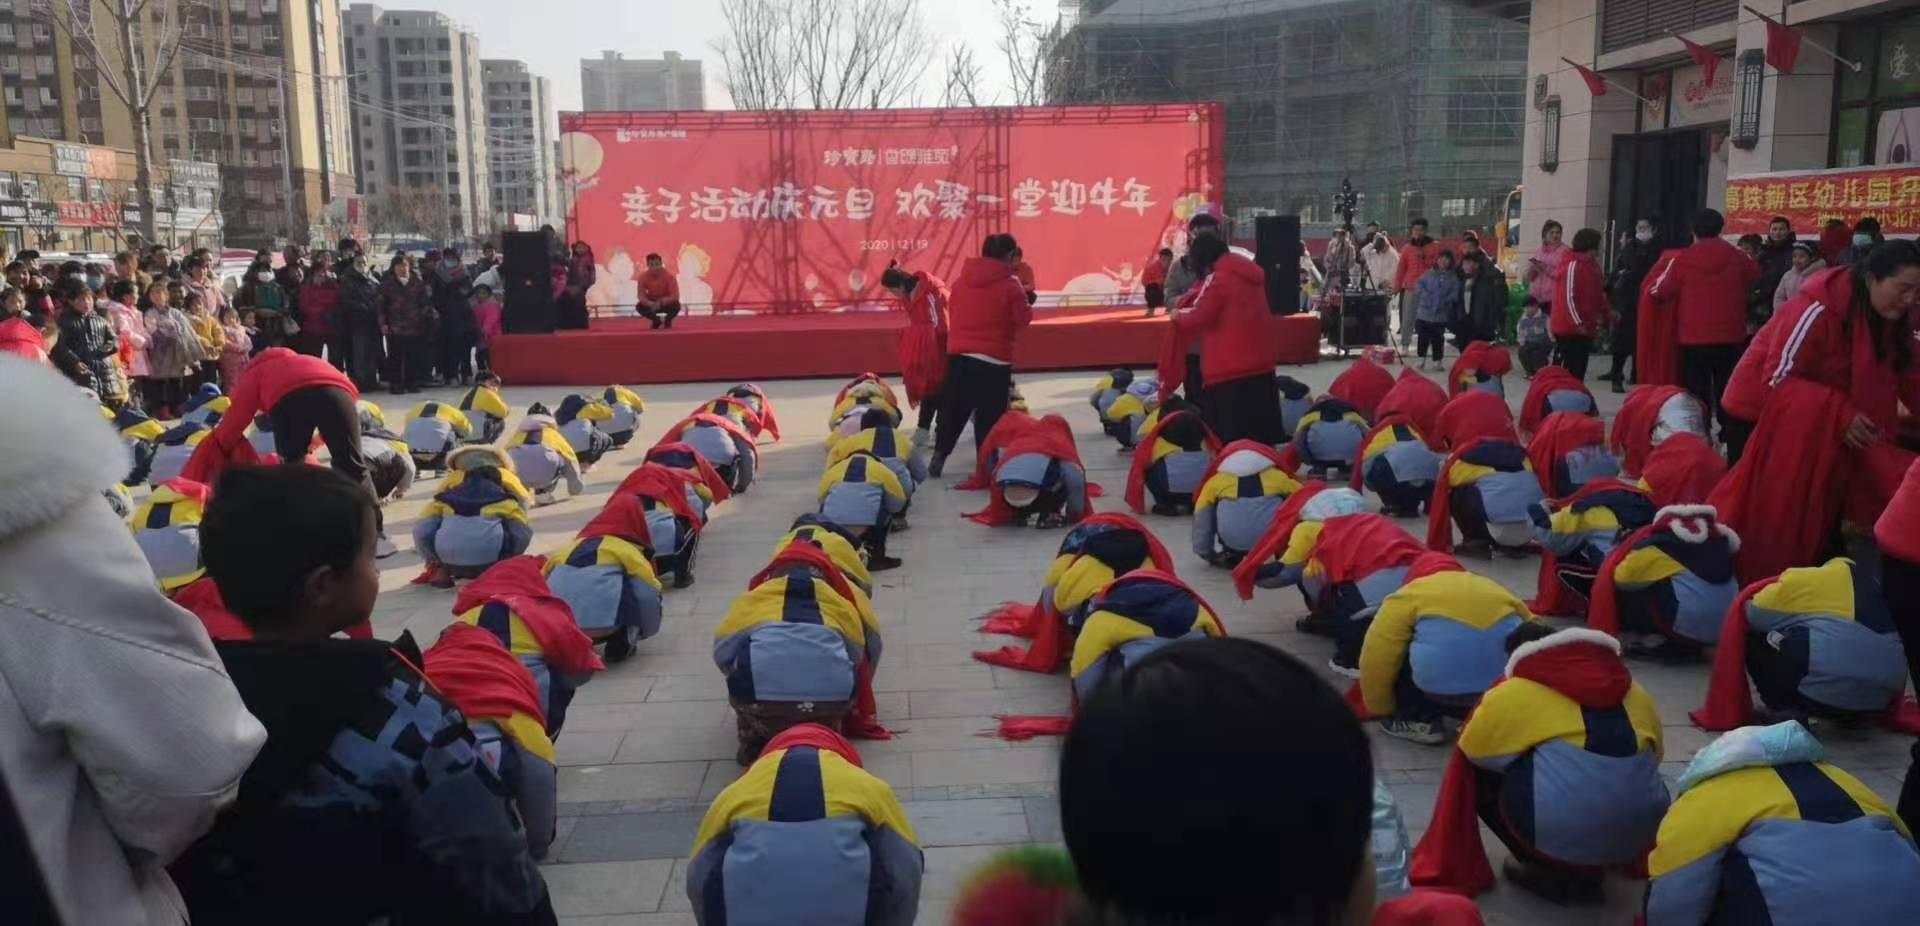 安徽砀山在线直播新区毛幼园亲子活动庆元旦...